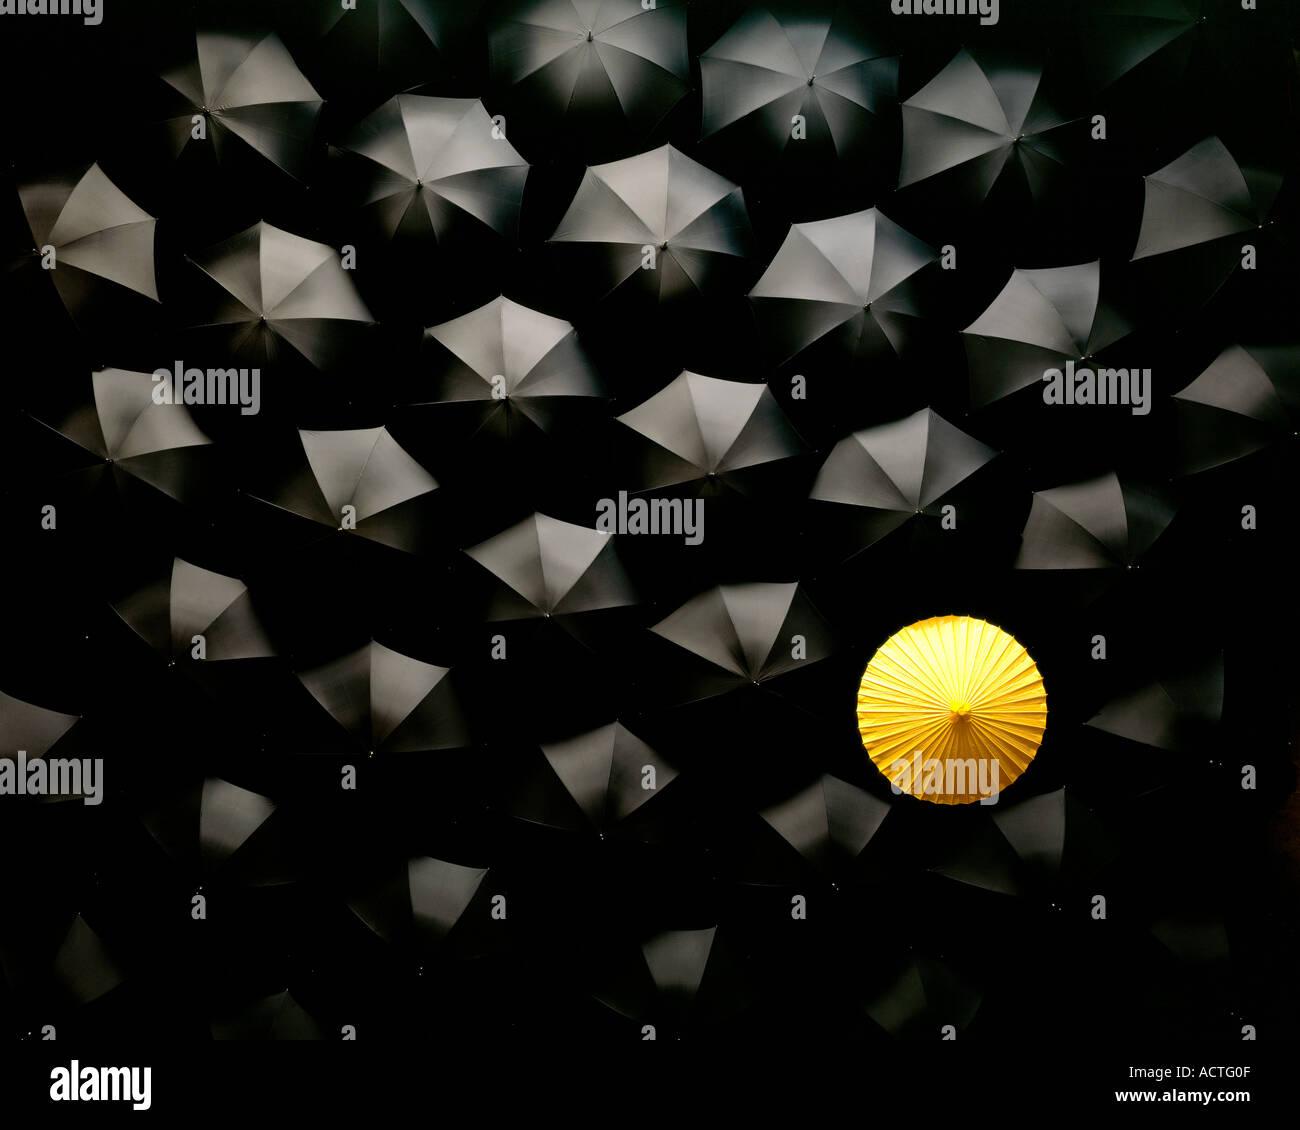 Schirme viele schwarze Sonnenschirme und einen gelben Regenschirm japanische chinesische Asien Stockbild